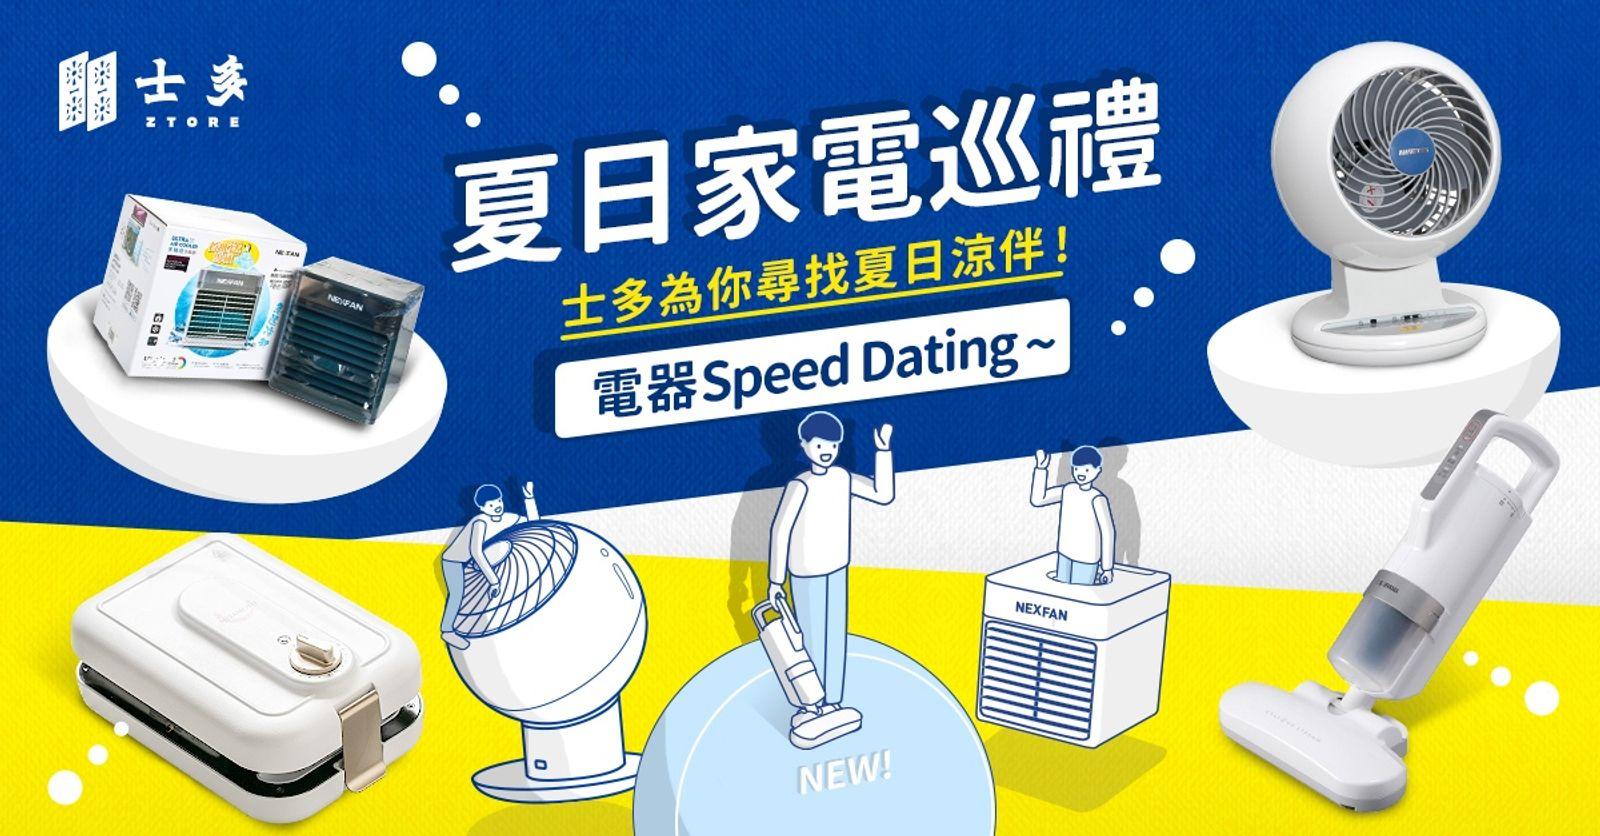 【夏日家電巡禮】尋找涼伴,電器Speed Dating!